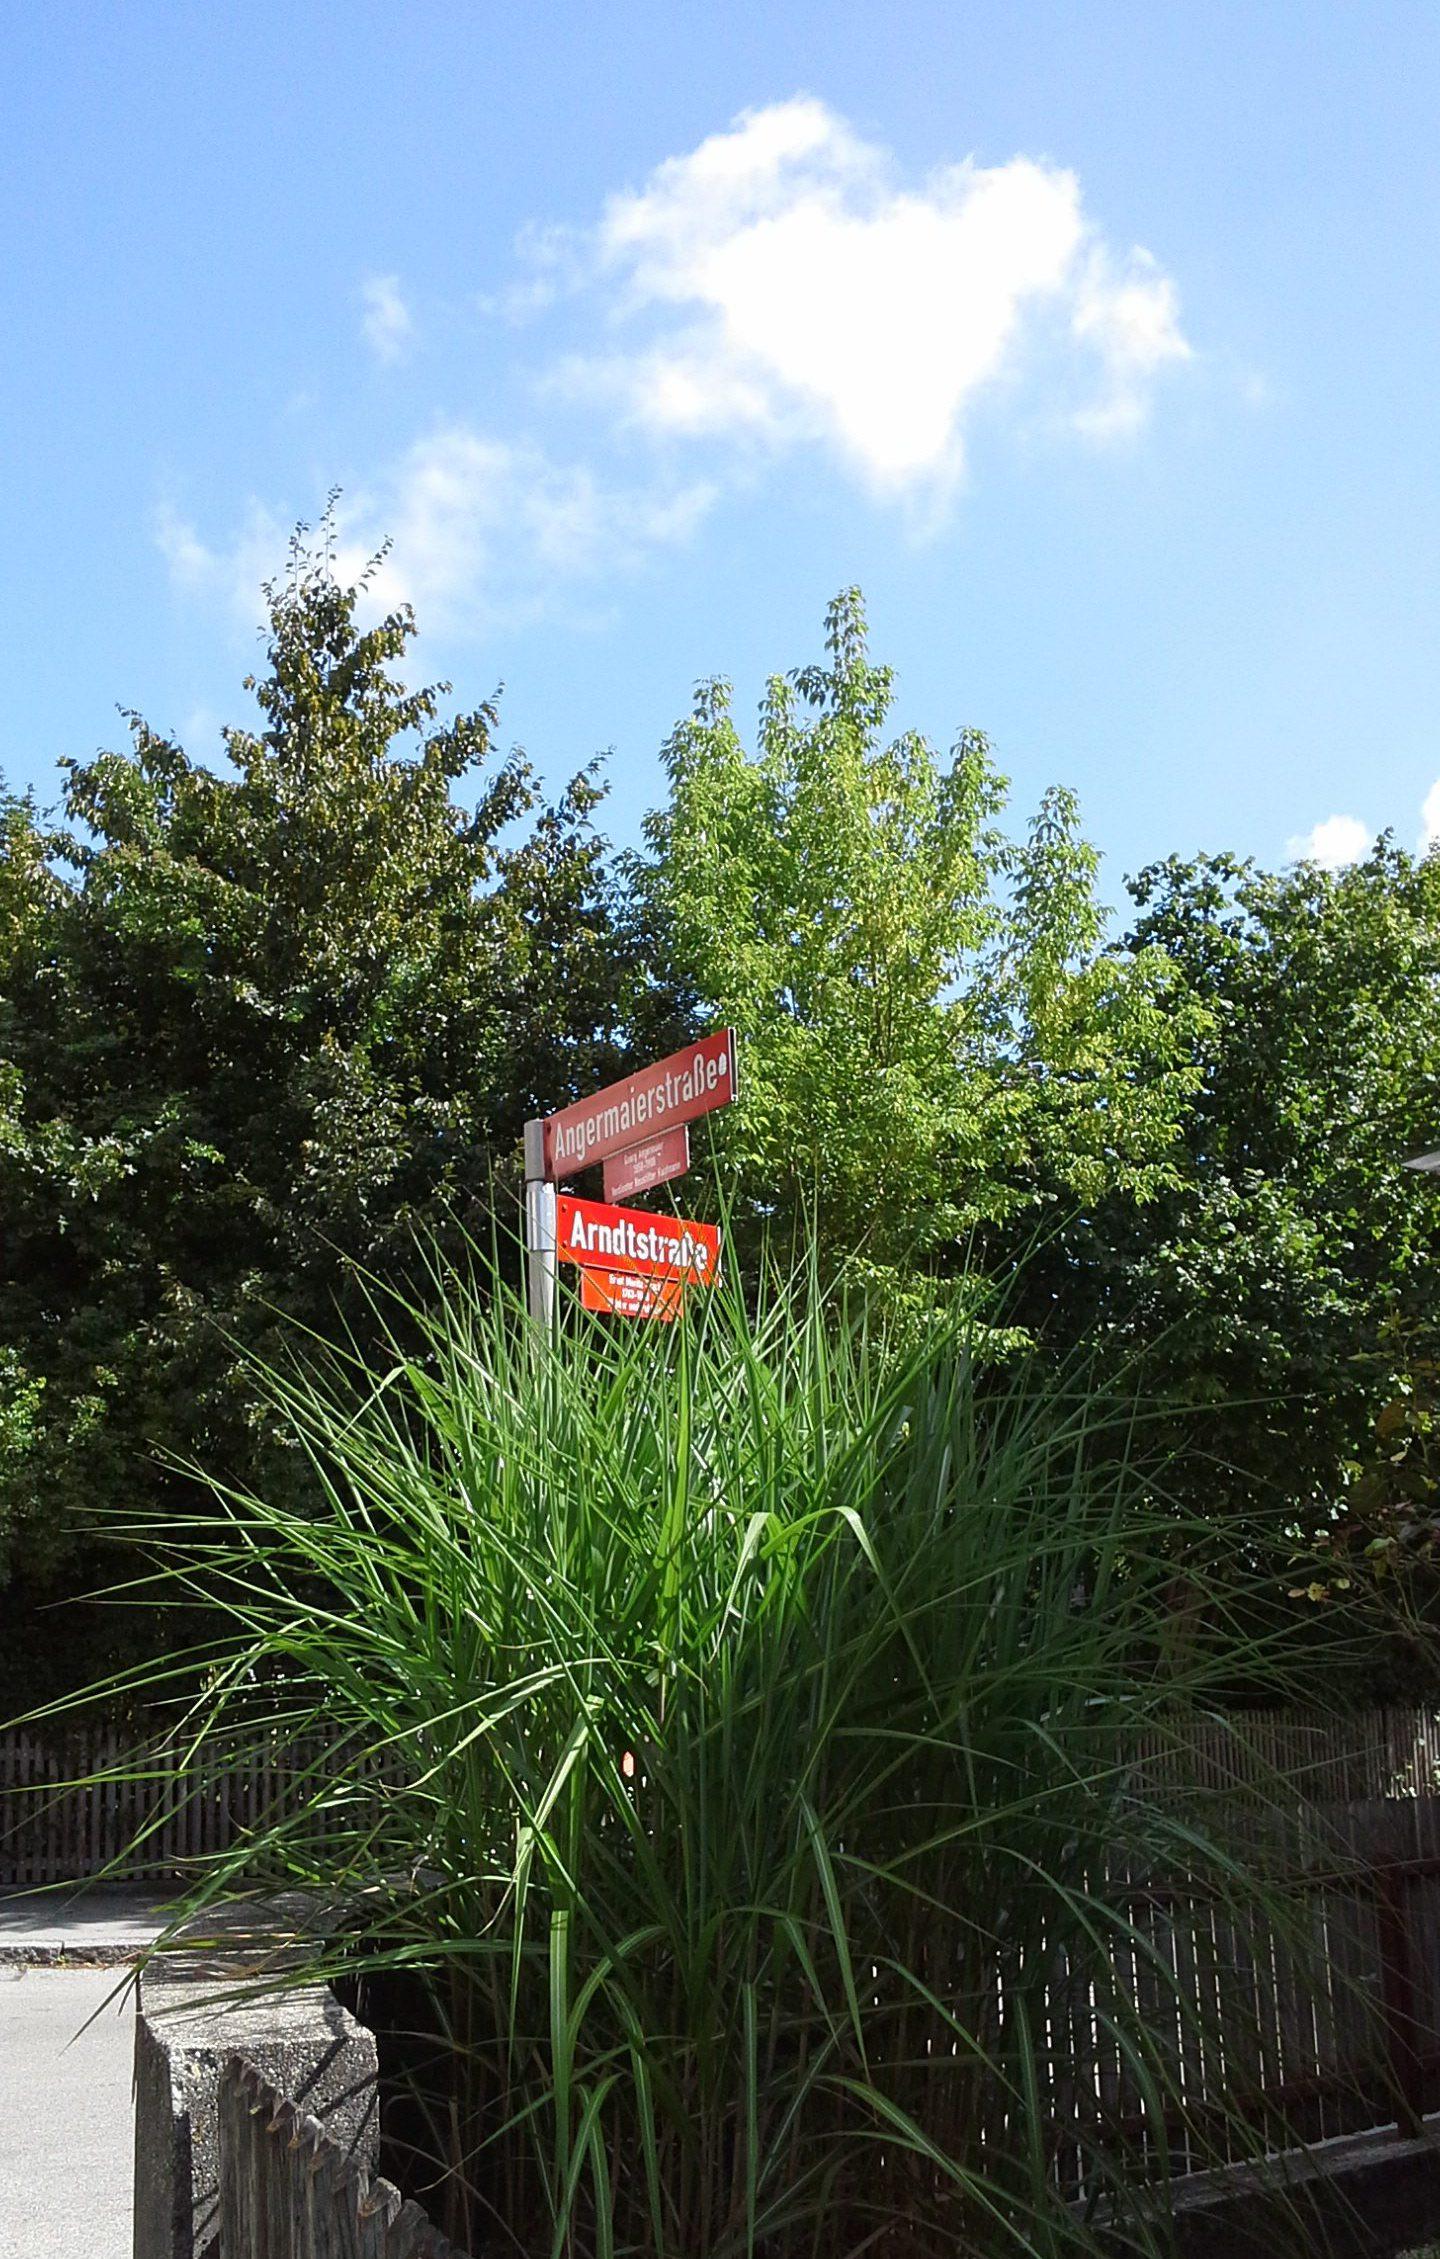 """Die Heilpraxis als Herzensausdruck von Antje Loos in der Arndtstraße 33, direkt an der Ecke zur Angermaierstraße. Es sind nur ca. 200 m Fußweg bis zur nächsten MVV-Haltestelle """"Angermaierstraße"""" der Buslinien 620 und 621 zum S-Bahnhof Freising mit S1-Anbindung nach München."""